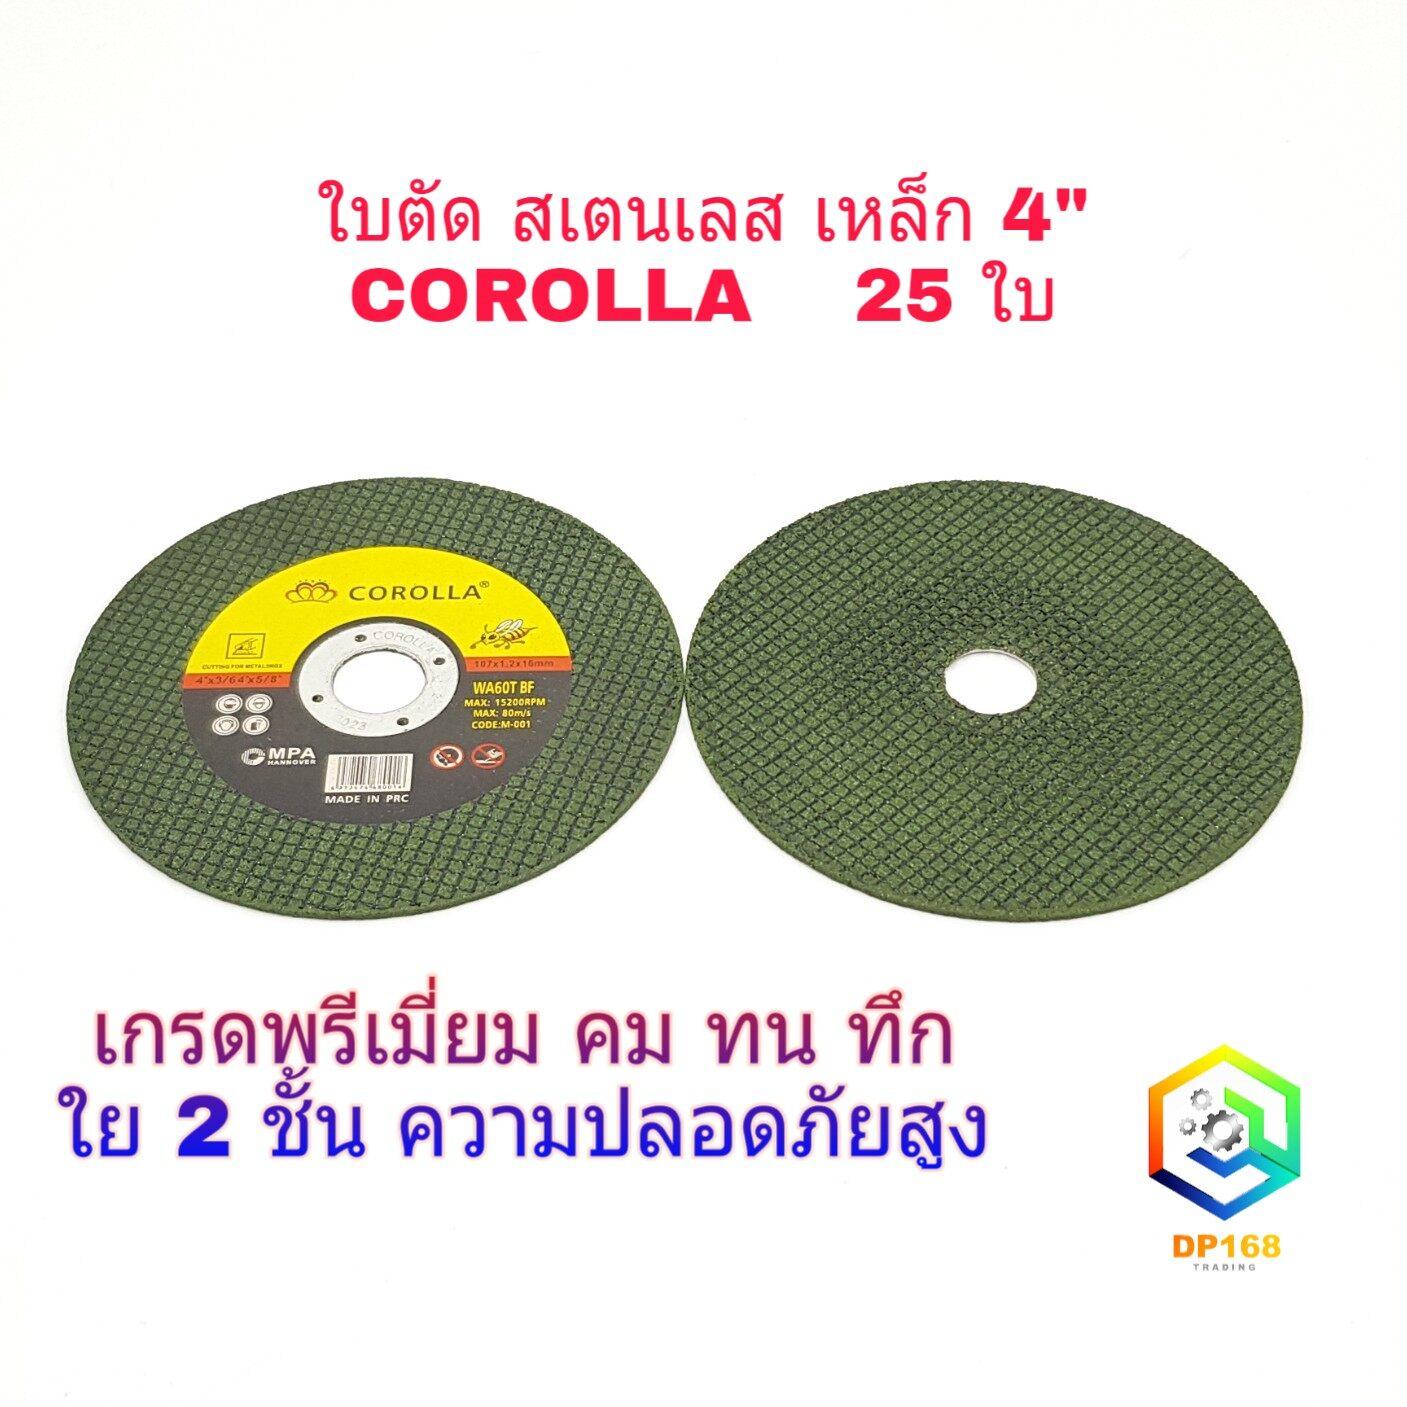 ใบตัดเหล็ก ใบตัดสเตนเลส 4 นิ้ว 25 แผ่น Corolla (107 Mm) 1.2 มิล ใย 2 ชั้น เกรดพีเมียม (ค่าส่งถูก).